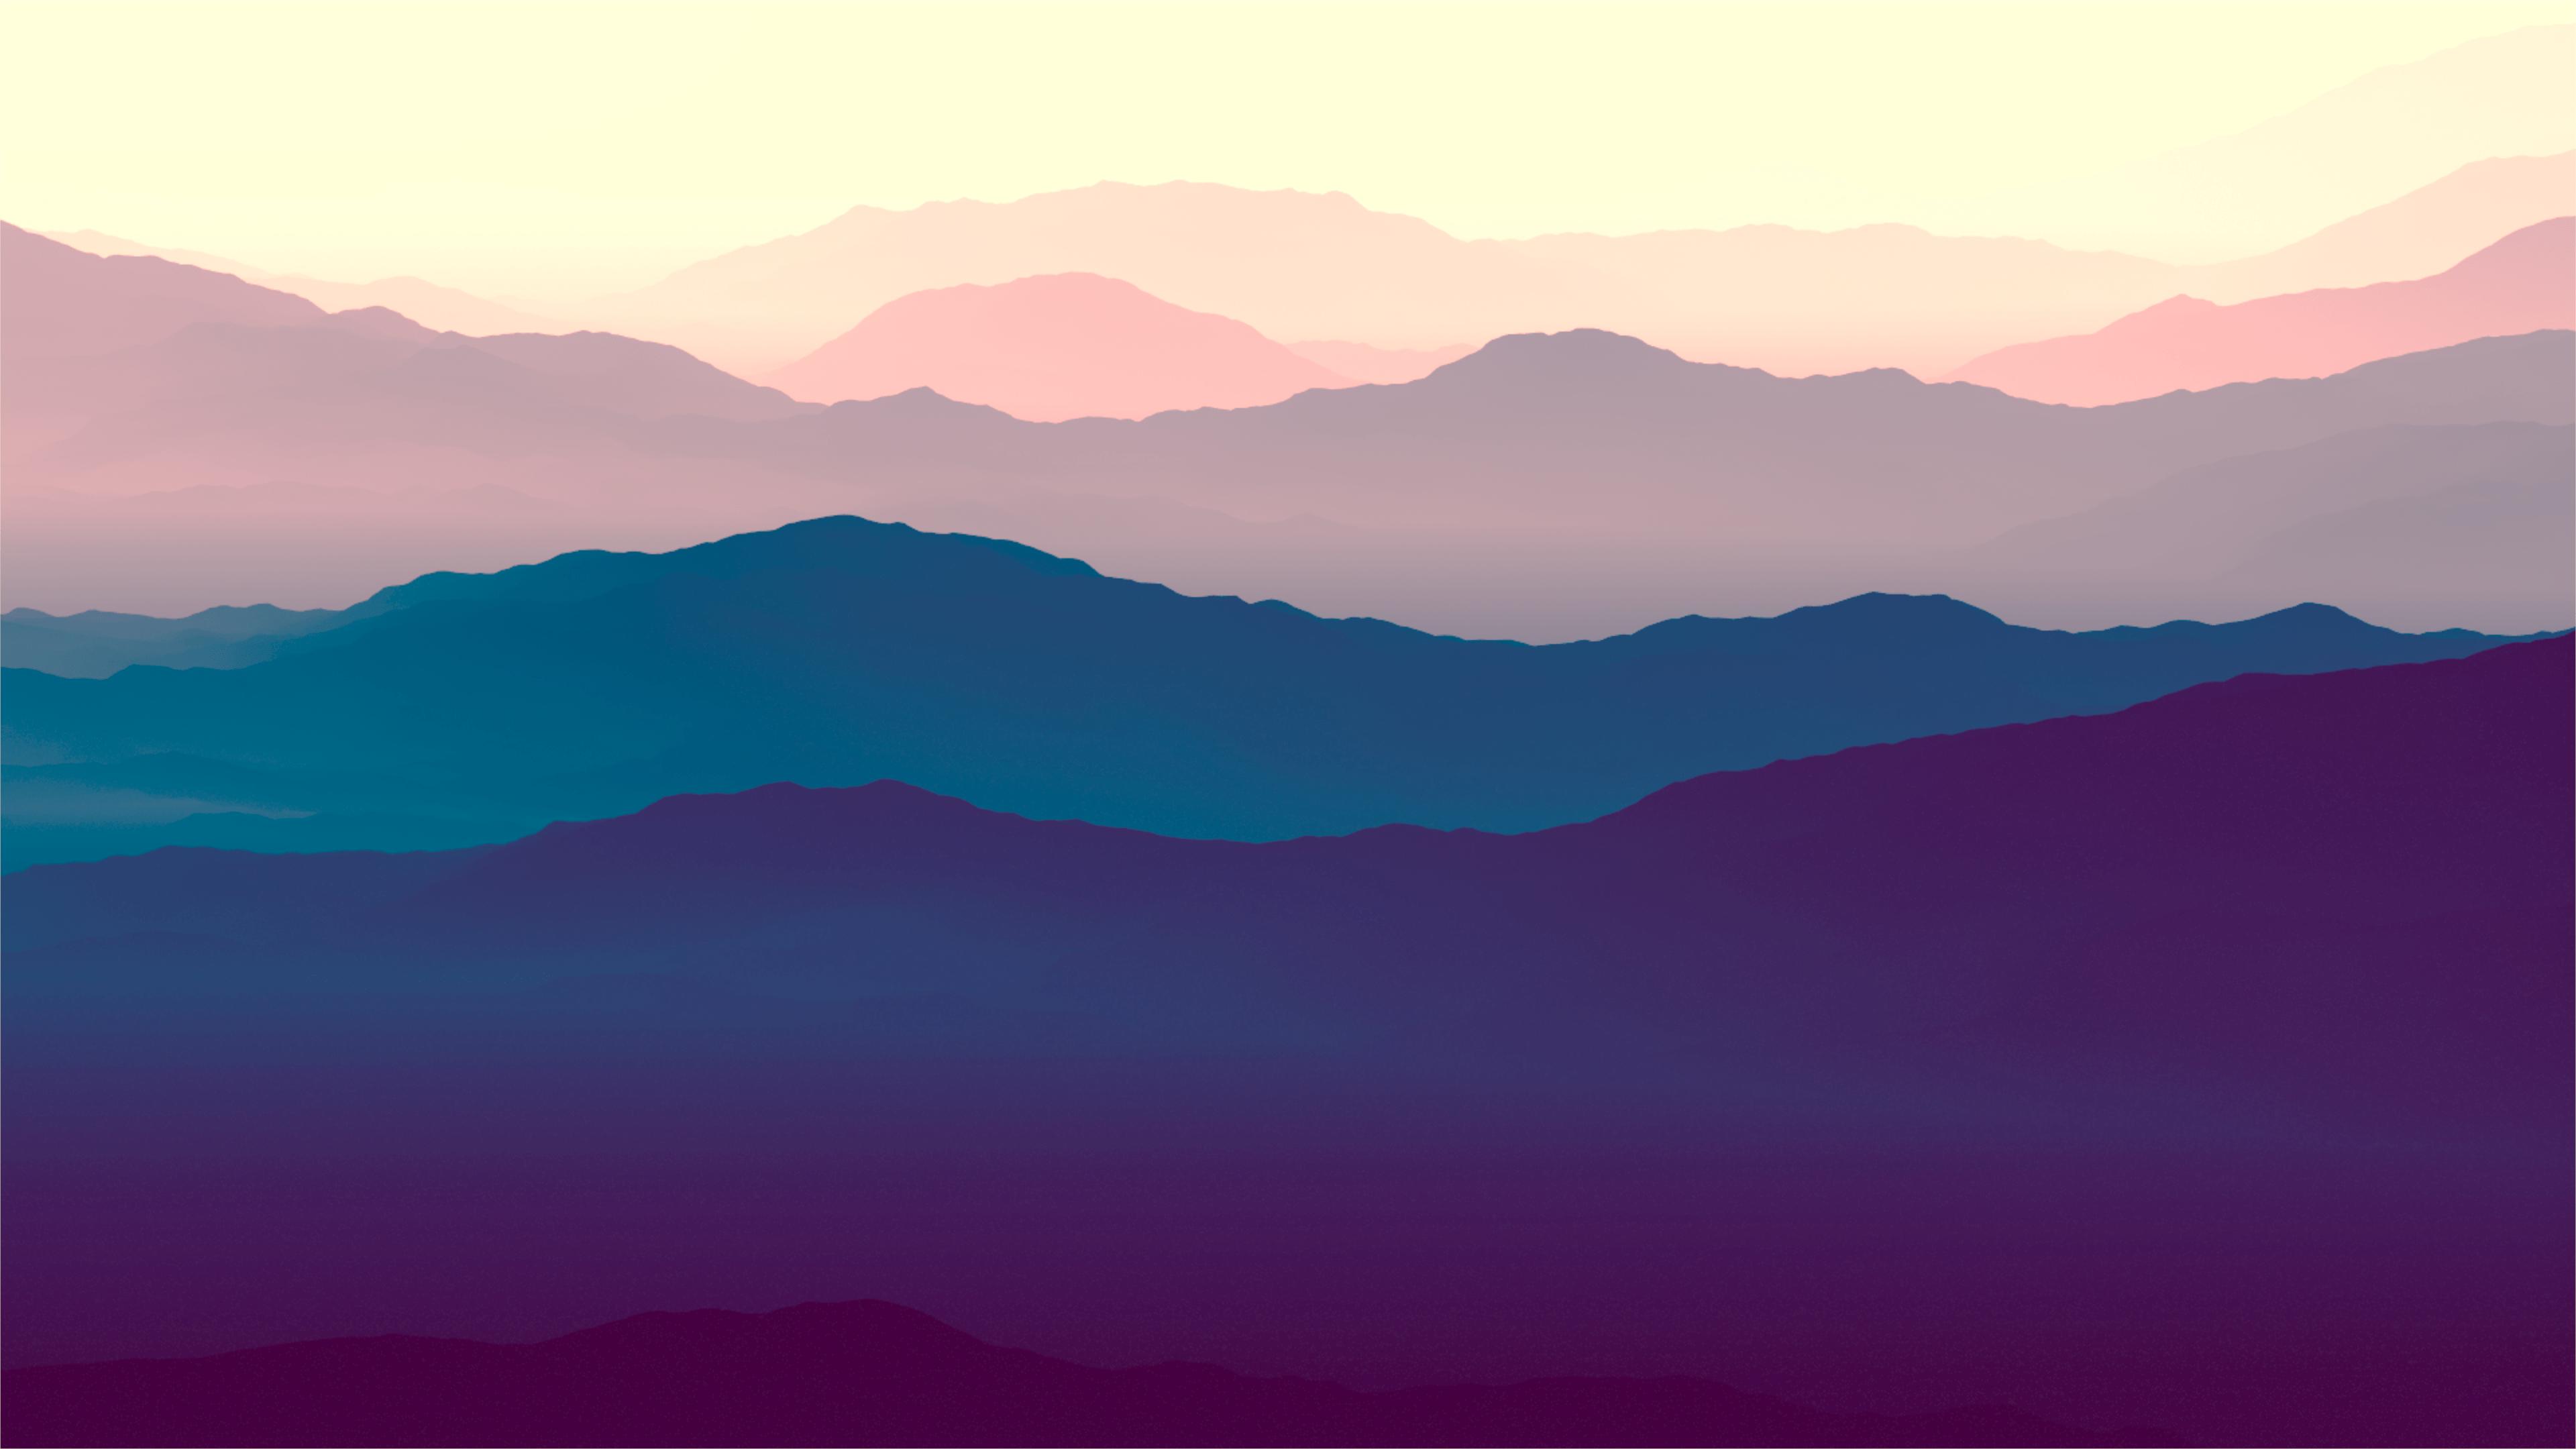 Mountain 4k Minimal Wallpapers Top Free Mountain 4k